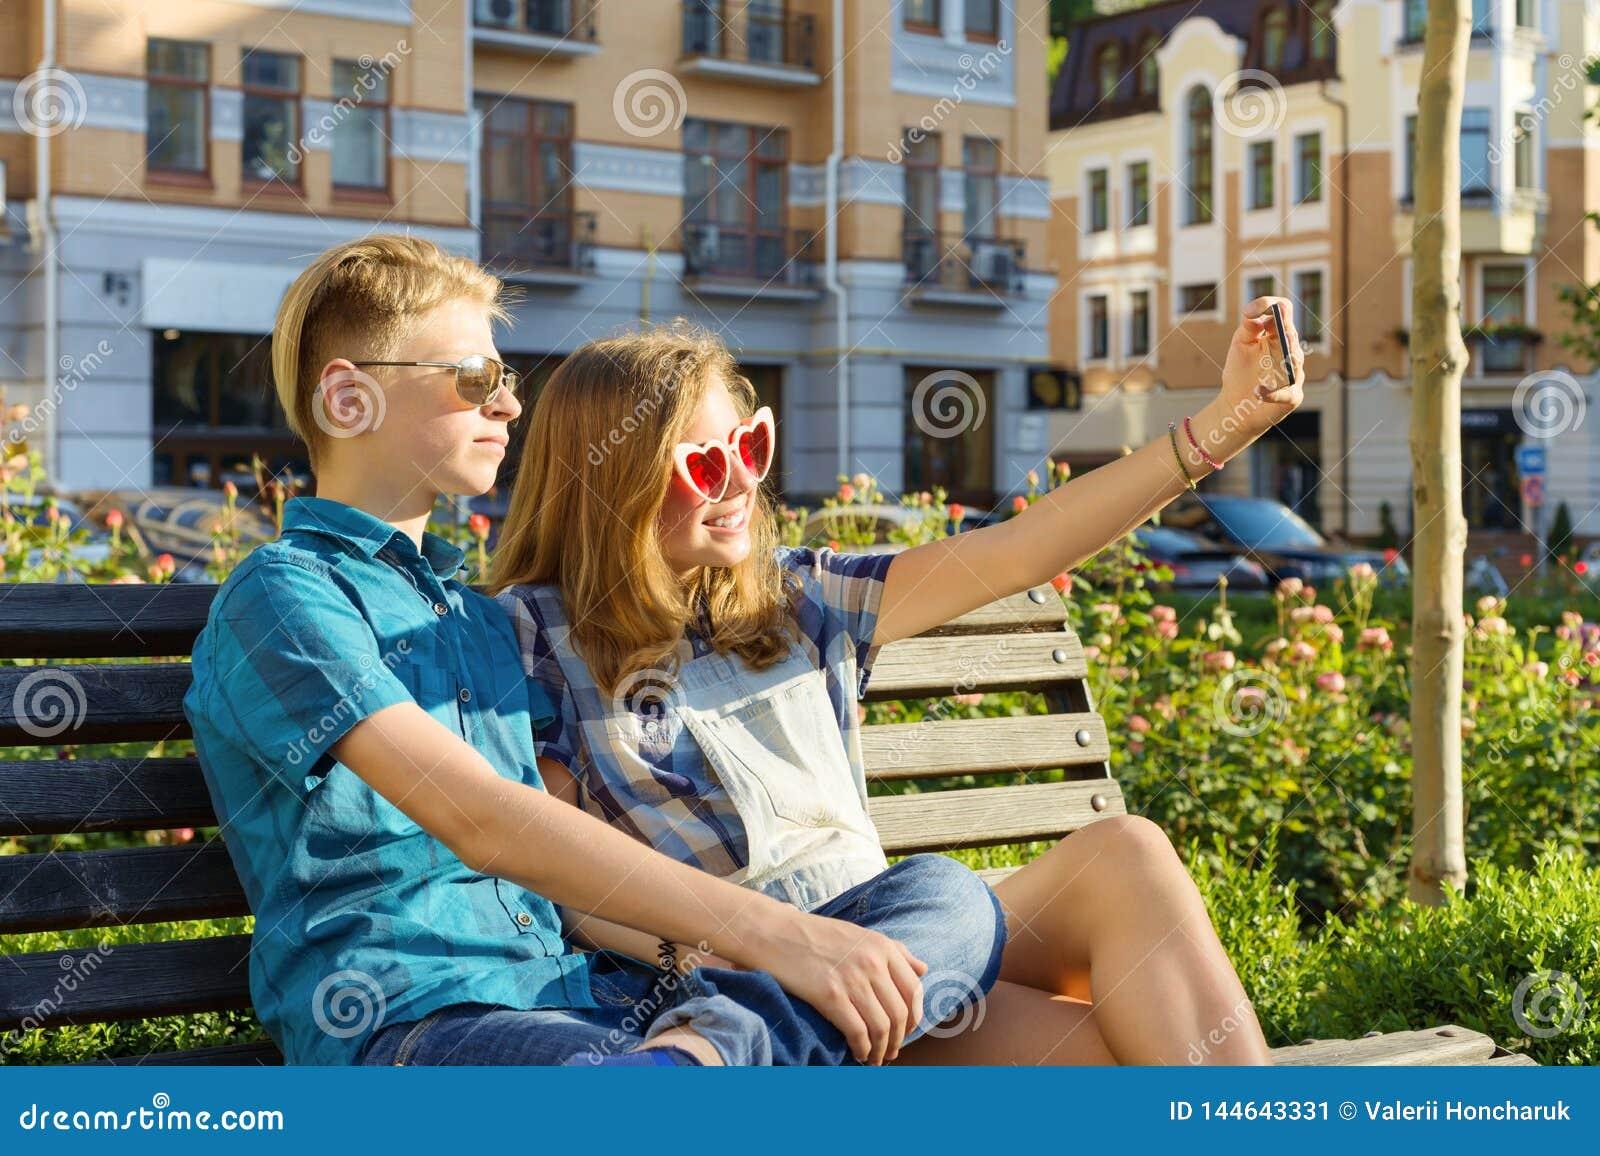 Nastoletni przyjaciele dziewczyna i chłopiec obsiadanie na ławce w mieście, opowiadający, patrzejący w telefonie, robi selfi